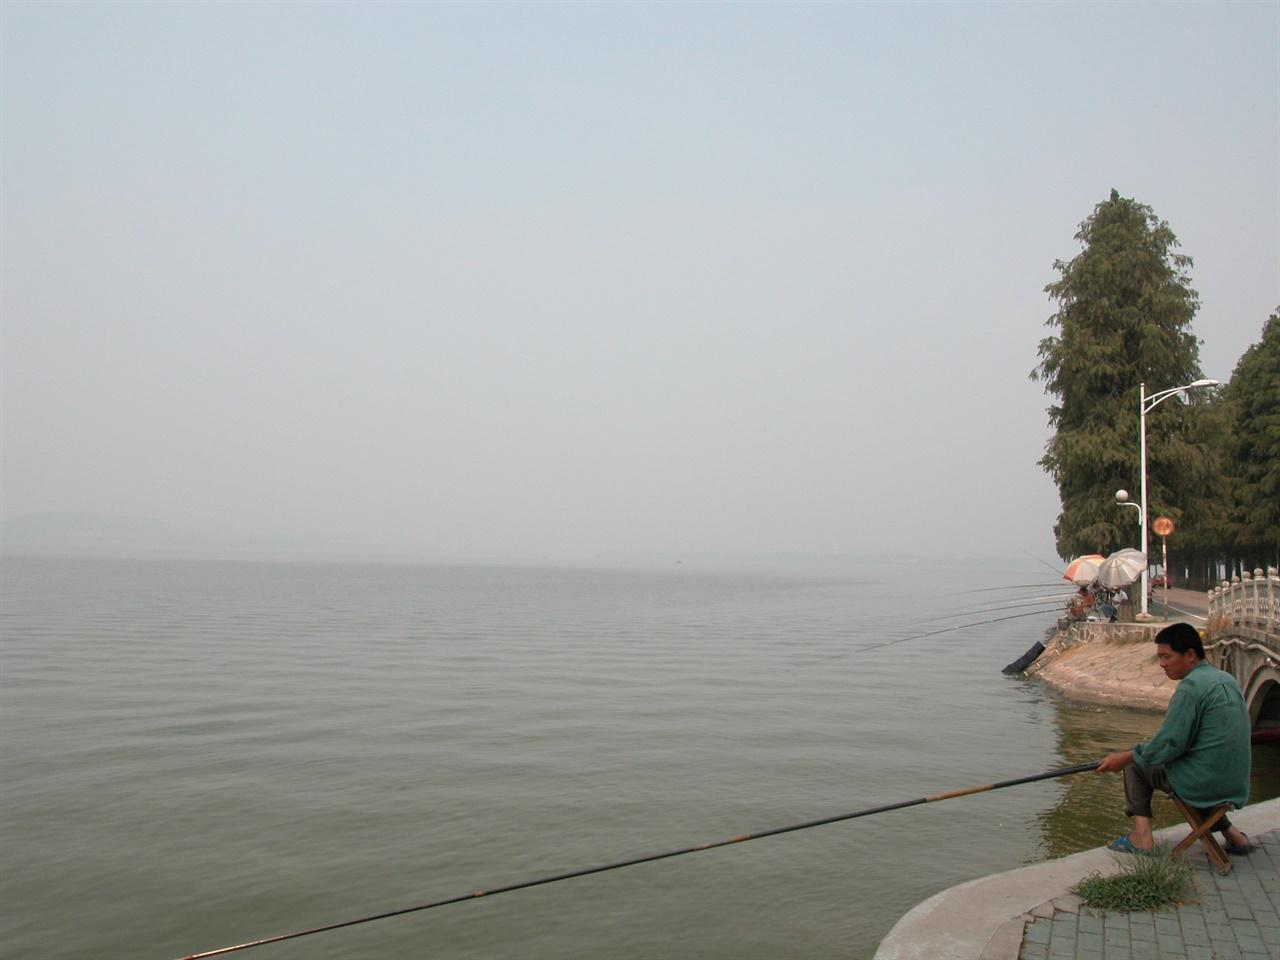 우한 창지앙에서 낚시하는 시민 우한은 강과 도로, 철도 만나는 교통 요지다